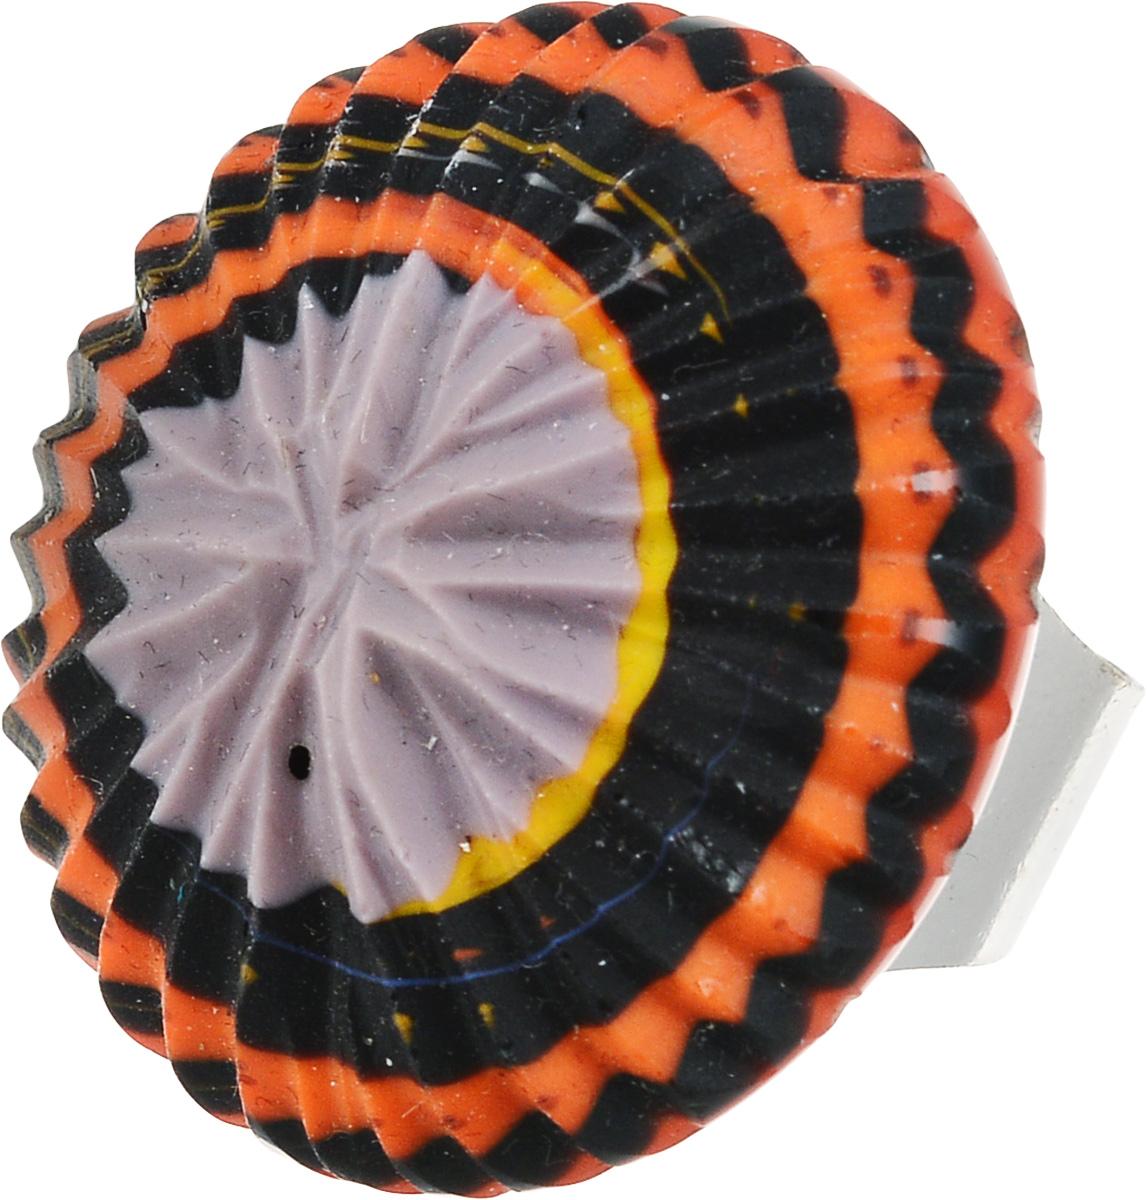 Кольцо бижутерное Murano шнурок держатель для очков муранское стекло бисер ручная работа murano италия венеция